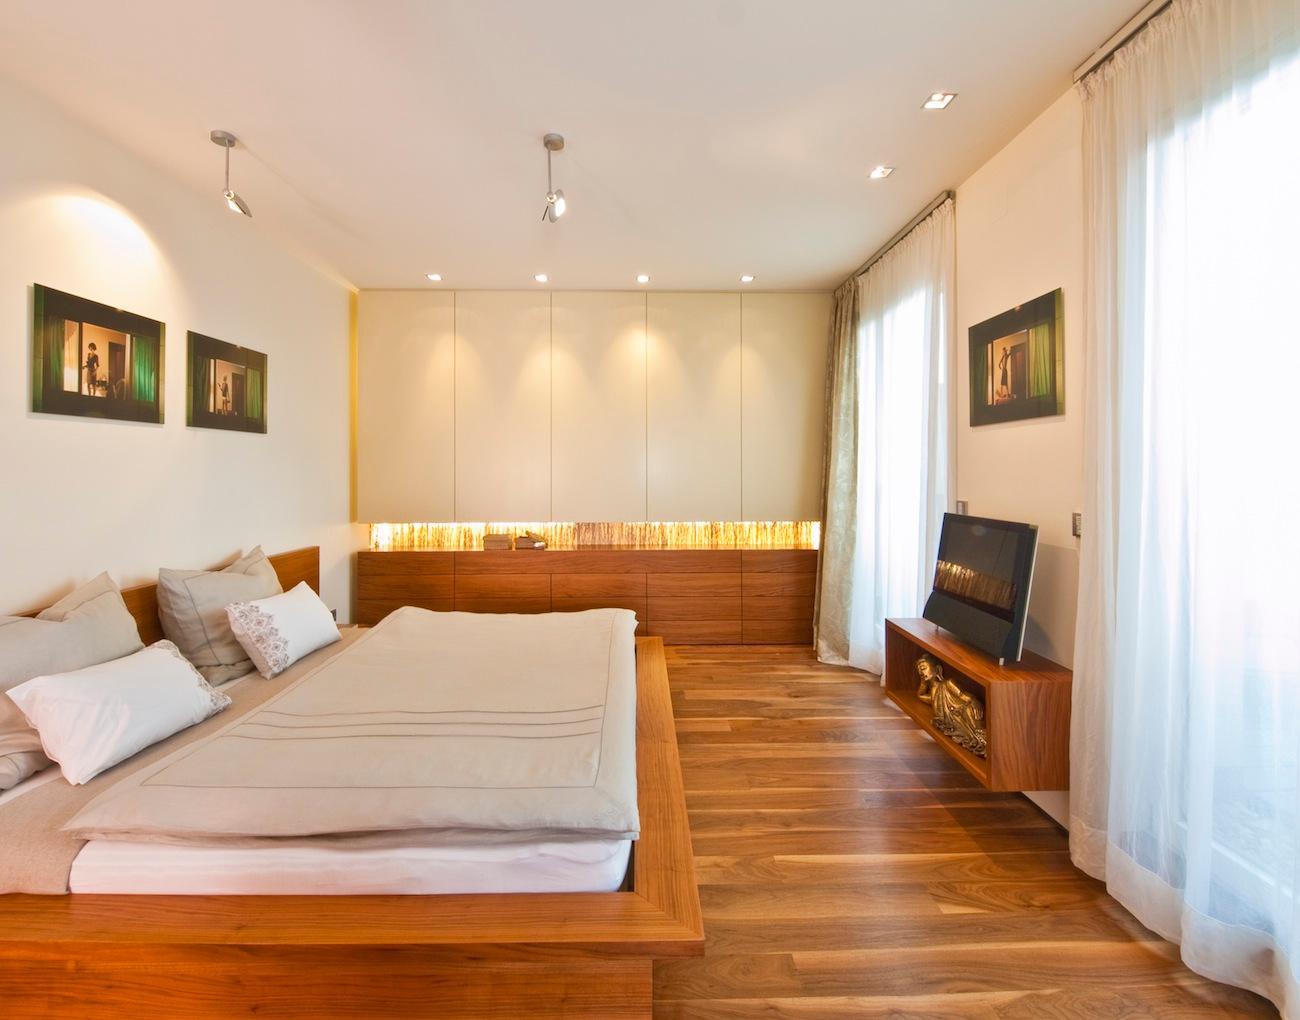 exlusives Schlafzimmer #loft #indirektebeleuchtung #...